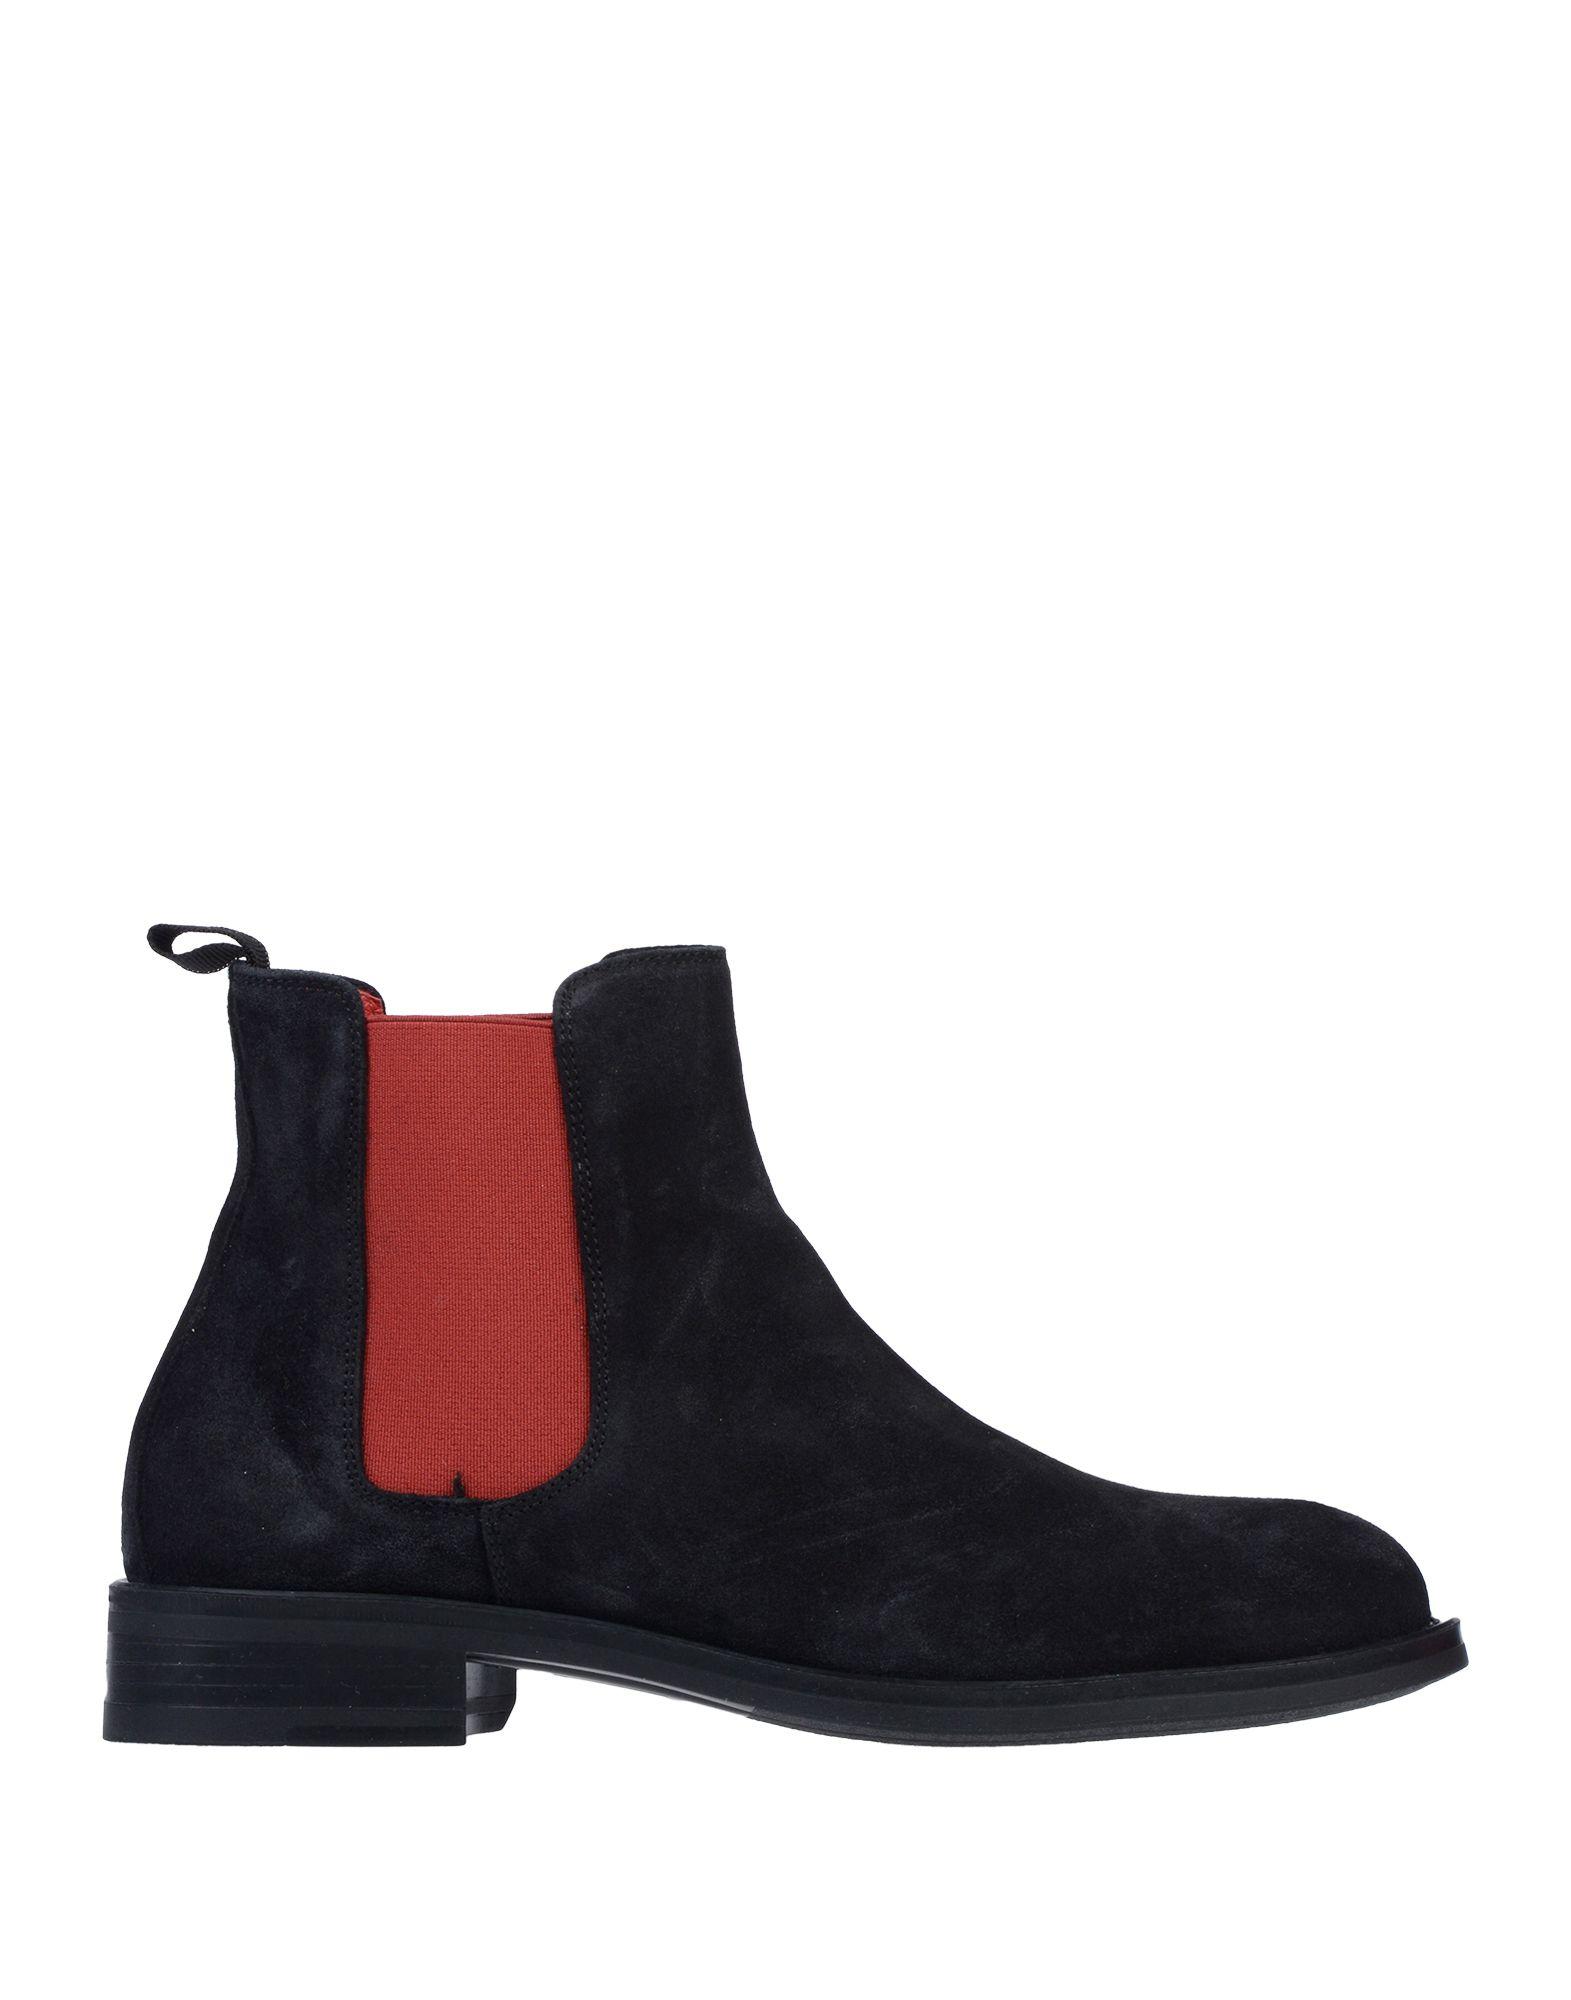 《送料無料》GIANFRANCO LATTANZI レディース ショートブーツ ブラック 35 革 / 伸縮繊維